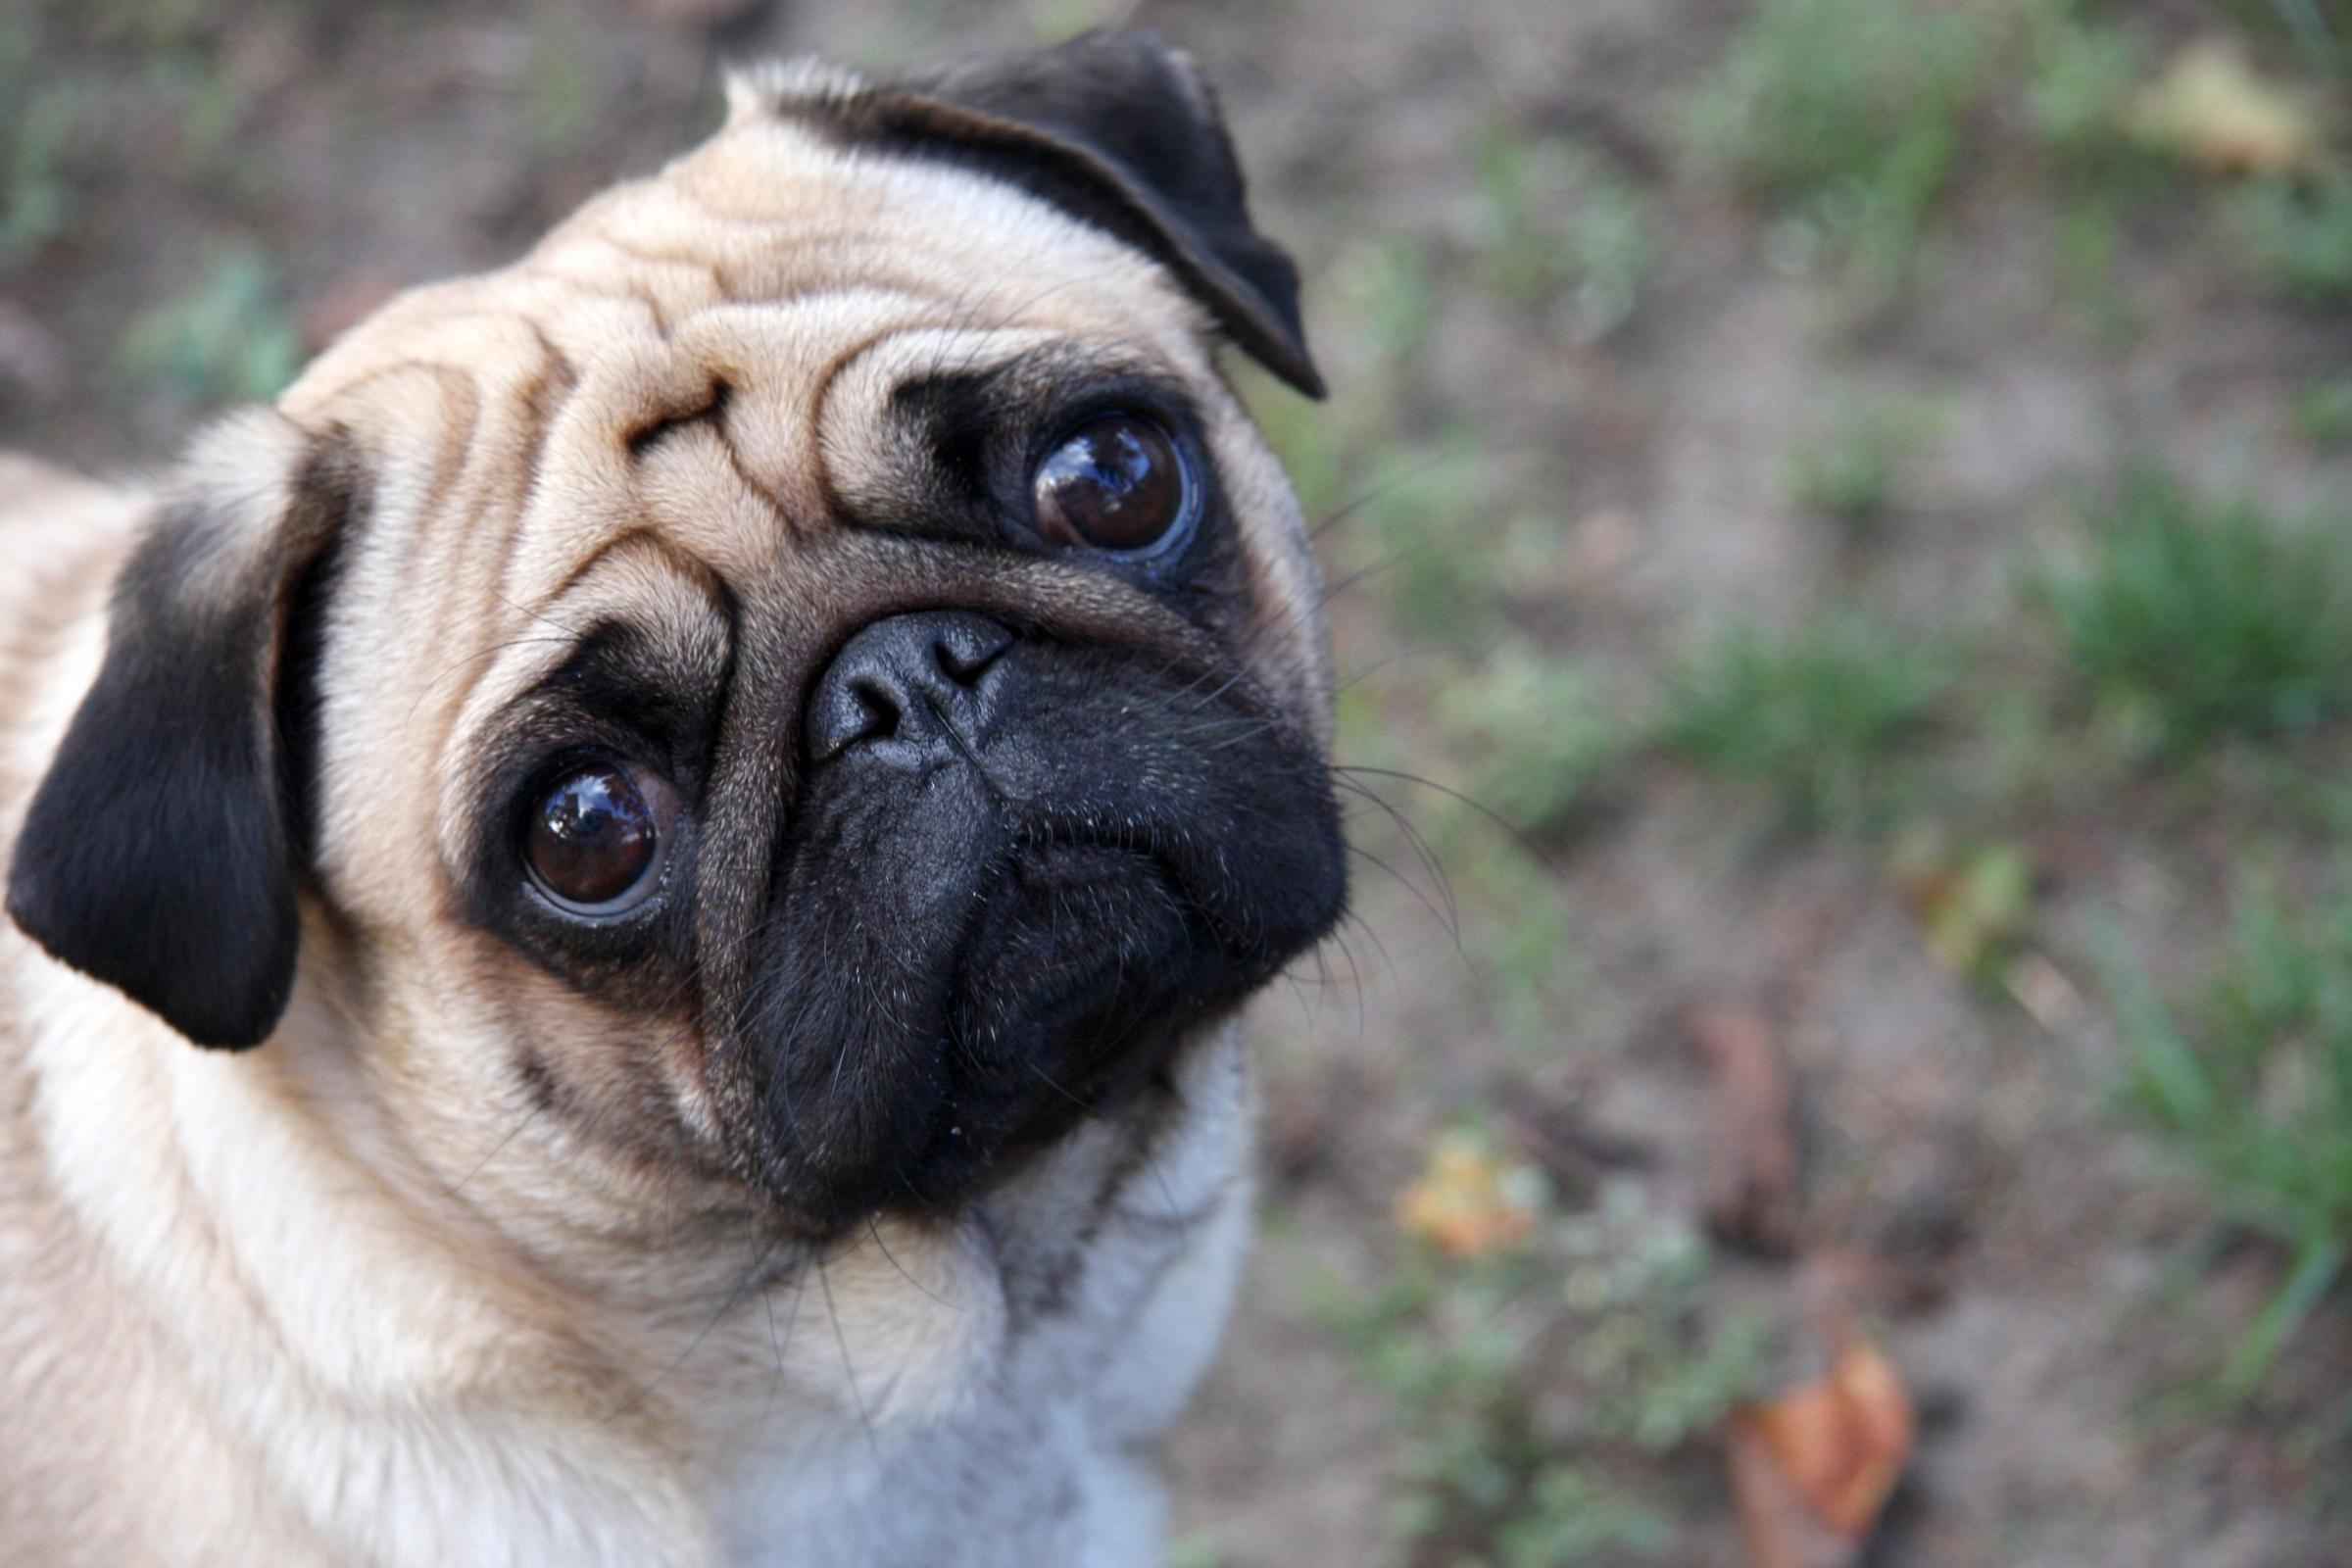 Cachorros também podem ser pessimistas